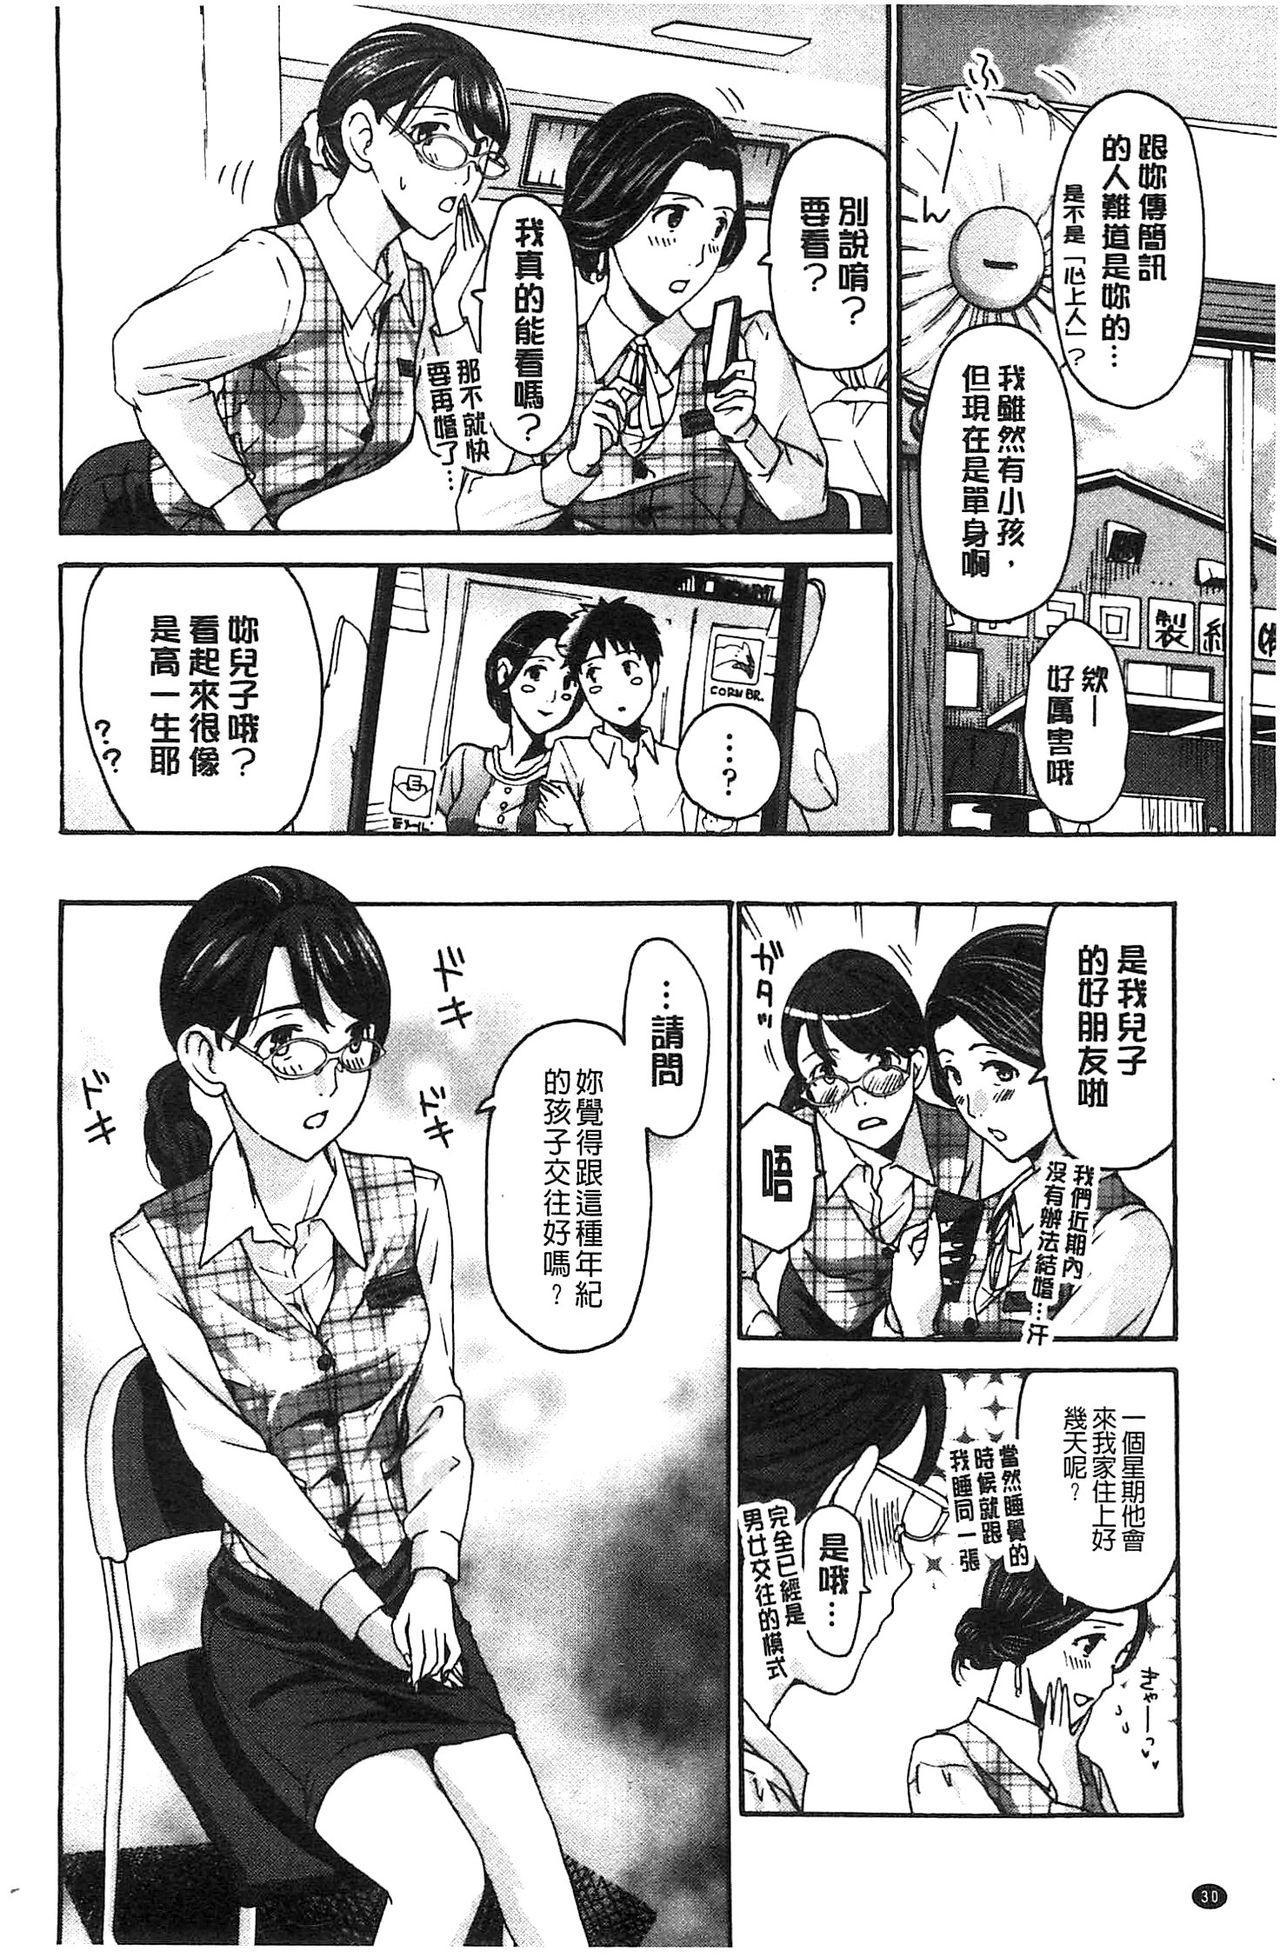 Watashito Iikoto Shiyo? 36